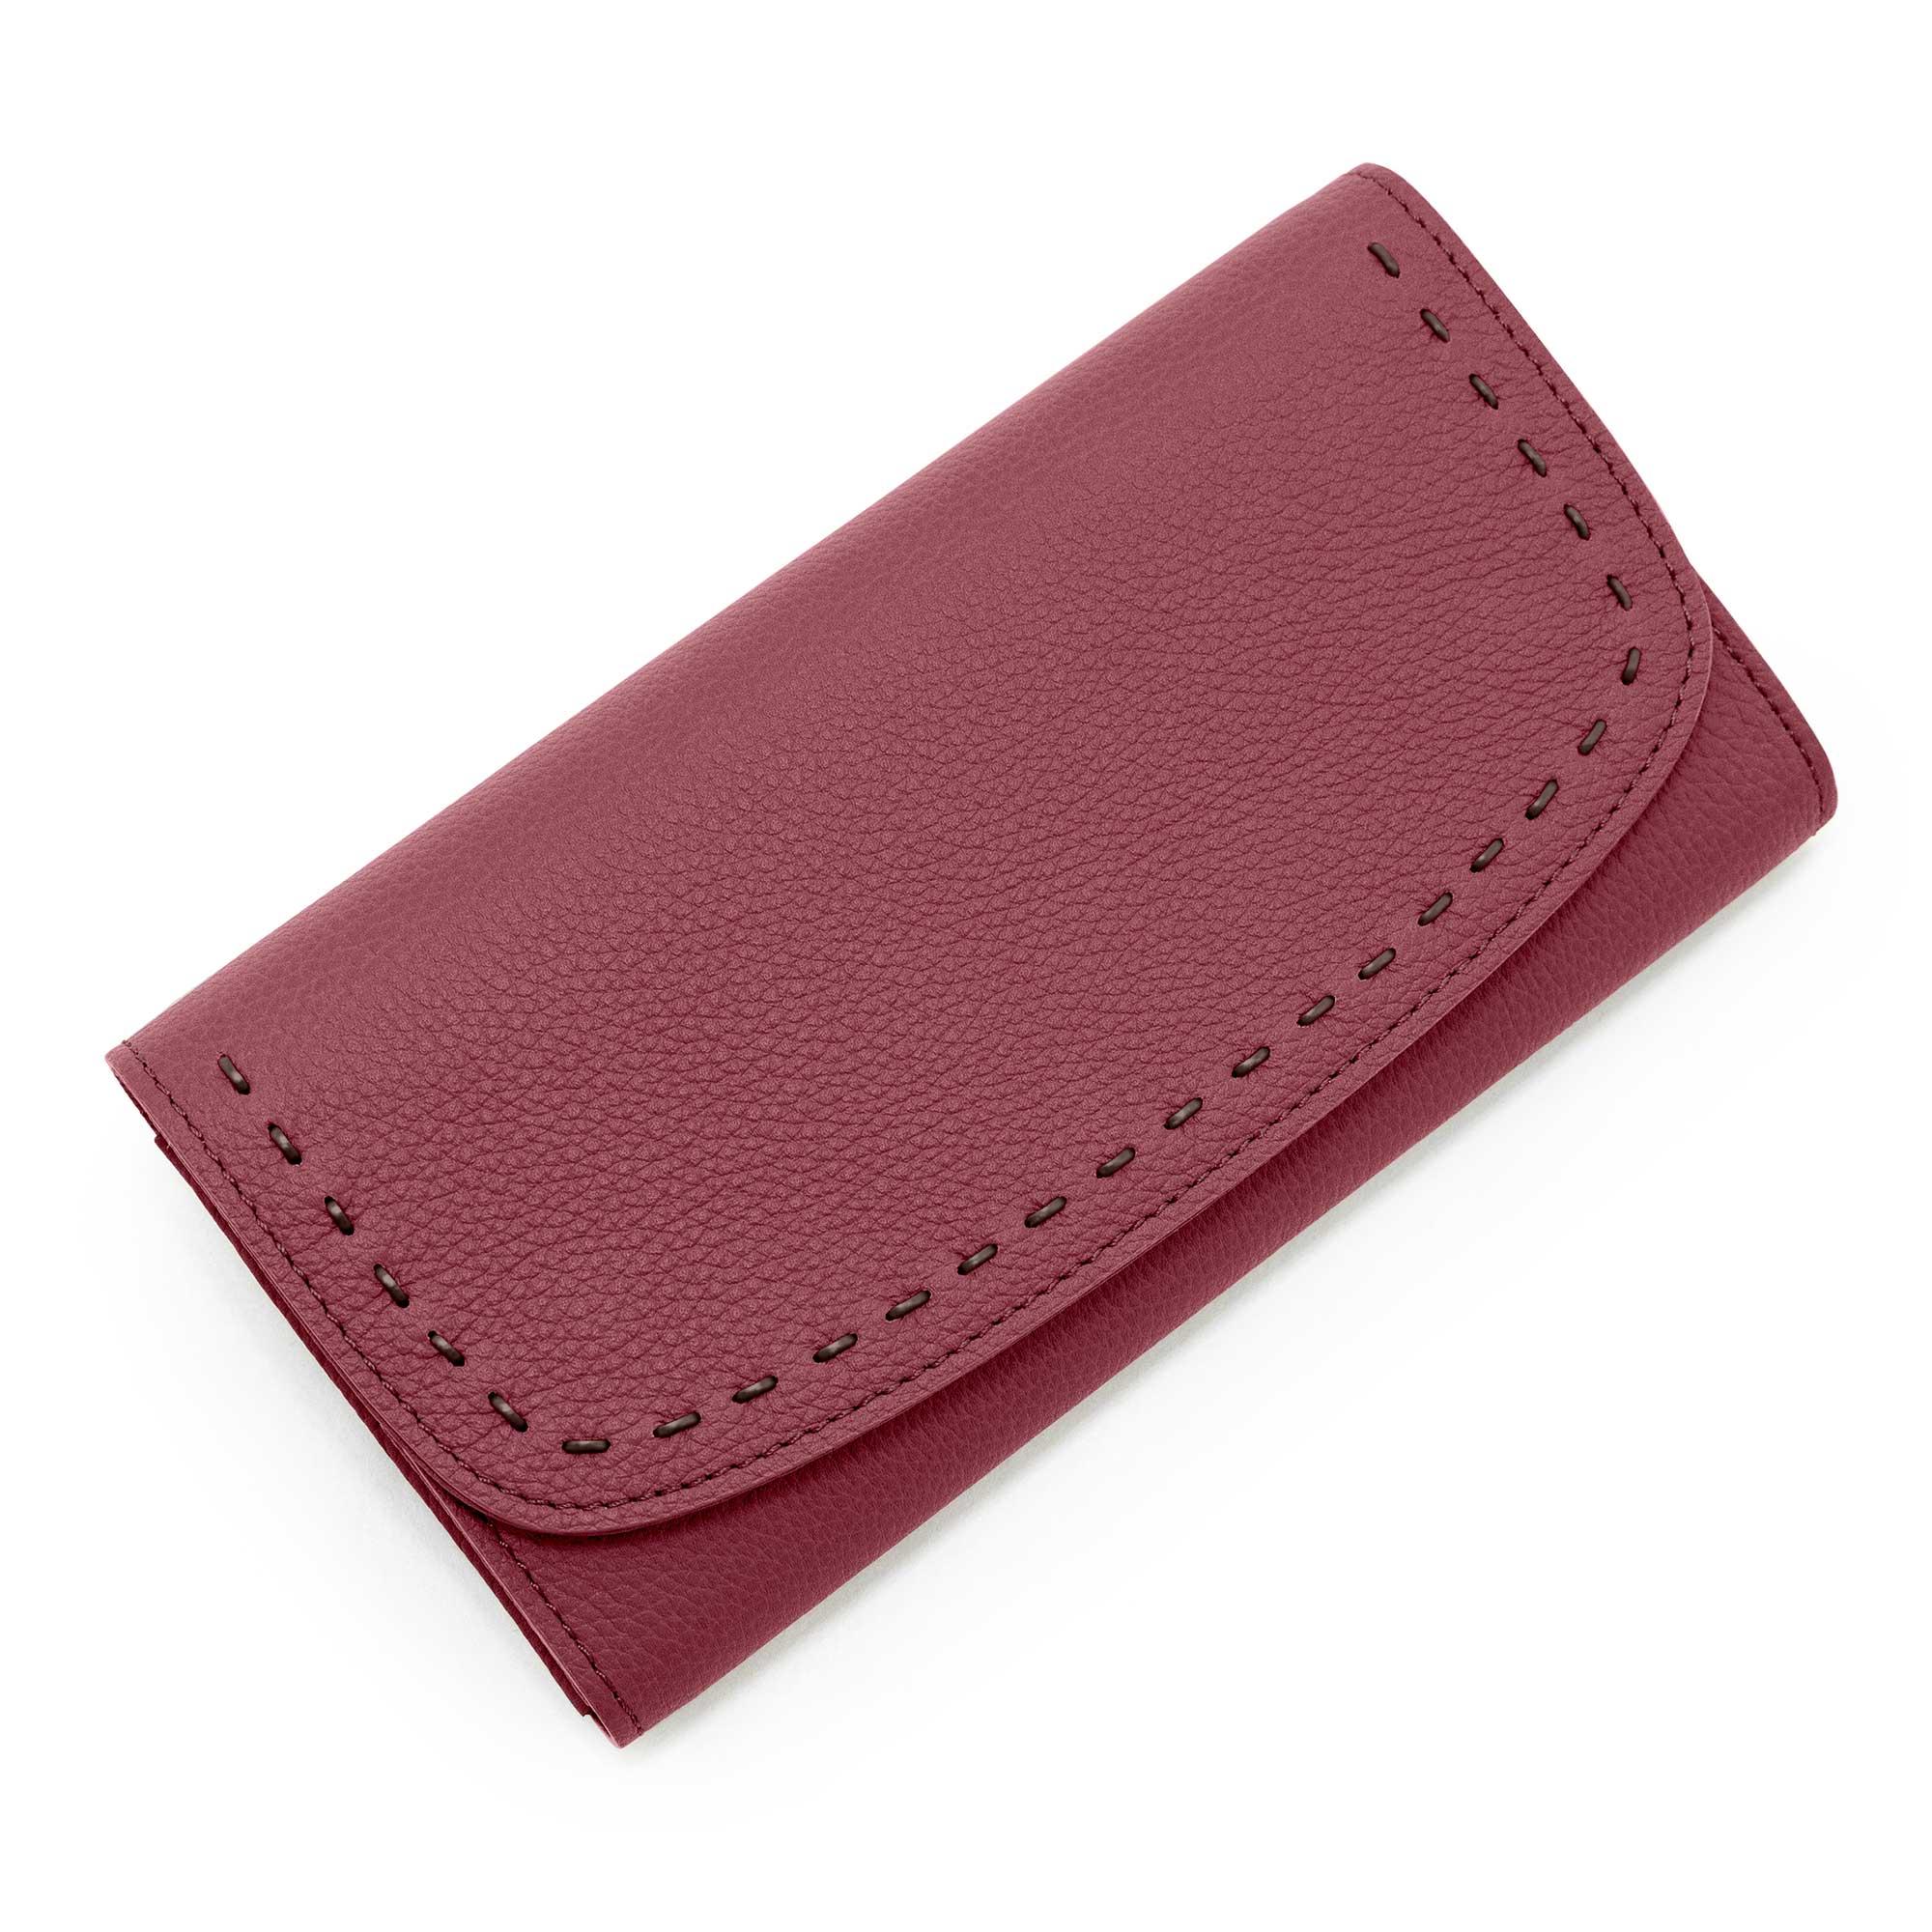 日本製 LILY [MAROON 限定色] シュリンクレザー・エスポワール 本革ウォレット[かぶせ式(エンヴェロップ型)長財布]